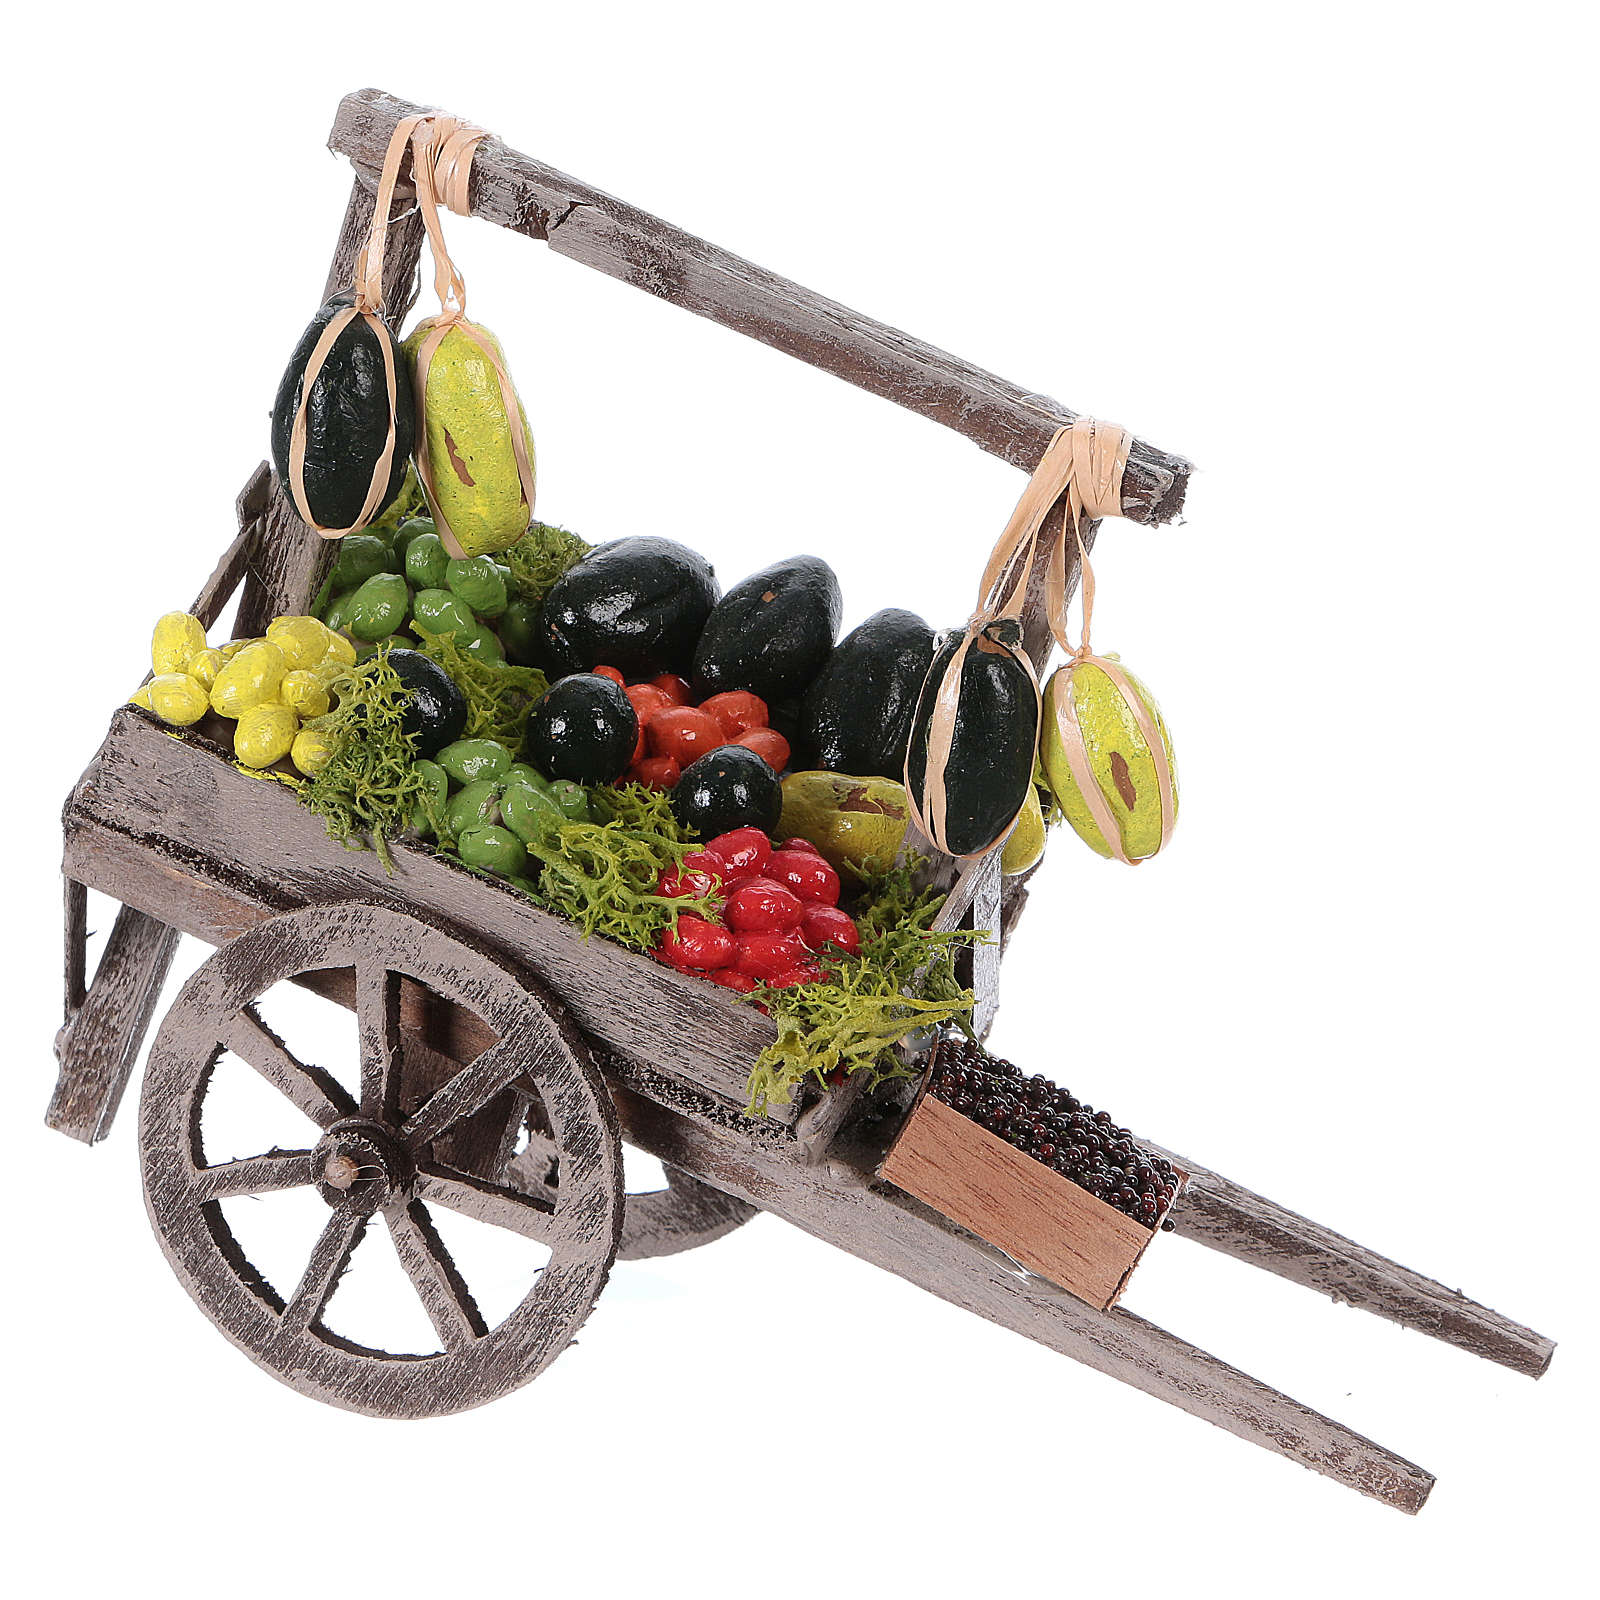 Carro con fruta a granel belén napolitano 15x15x6 cm 4